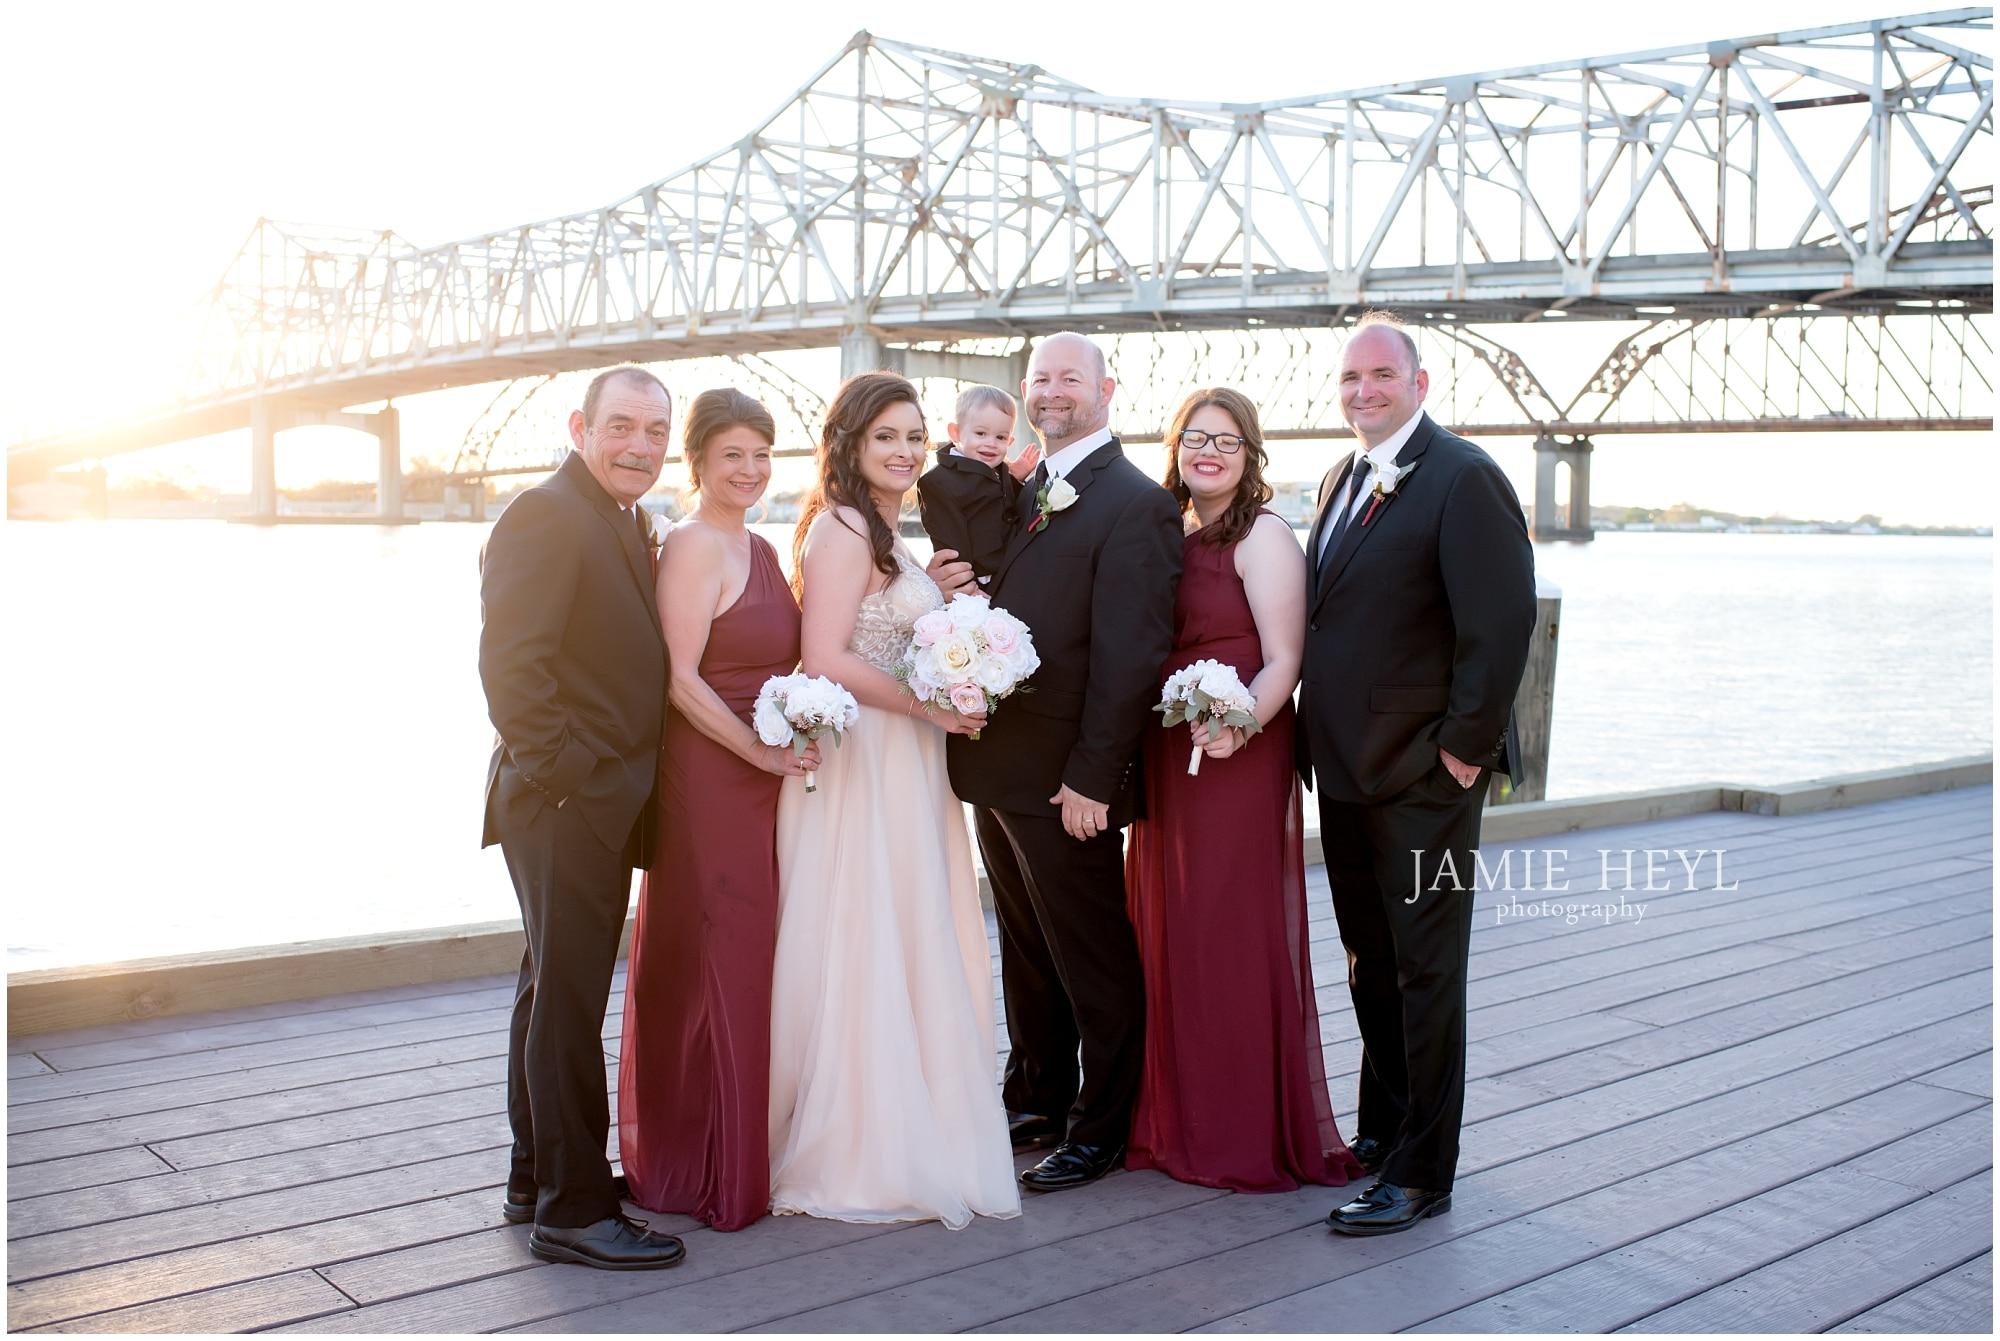 Morgan City riverfront bridal party photo